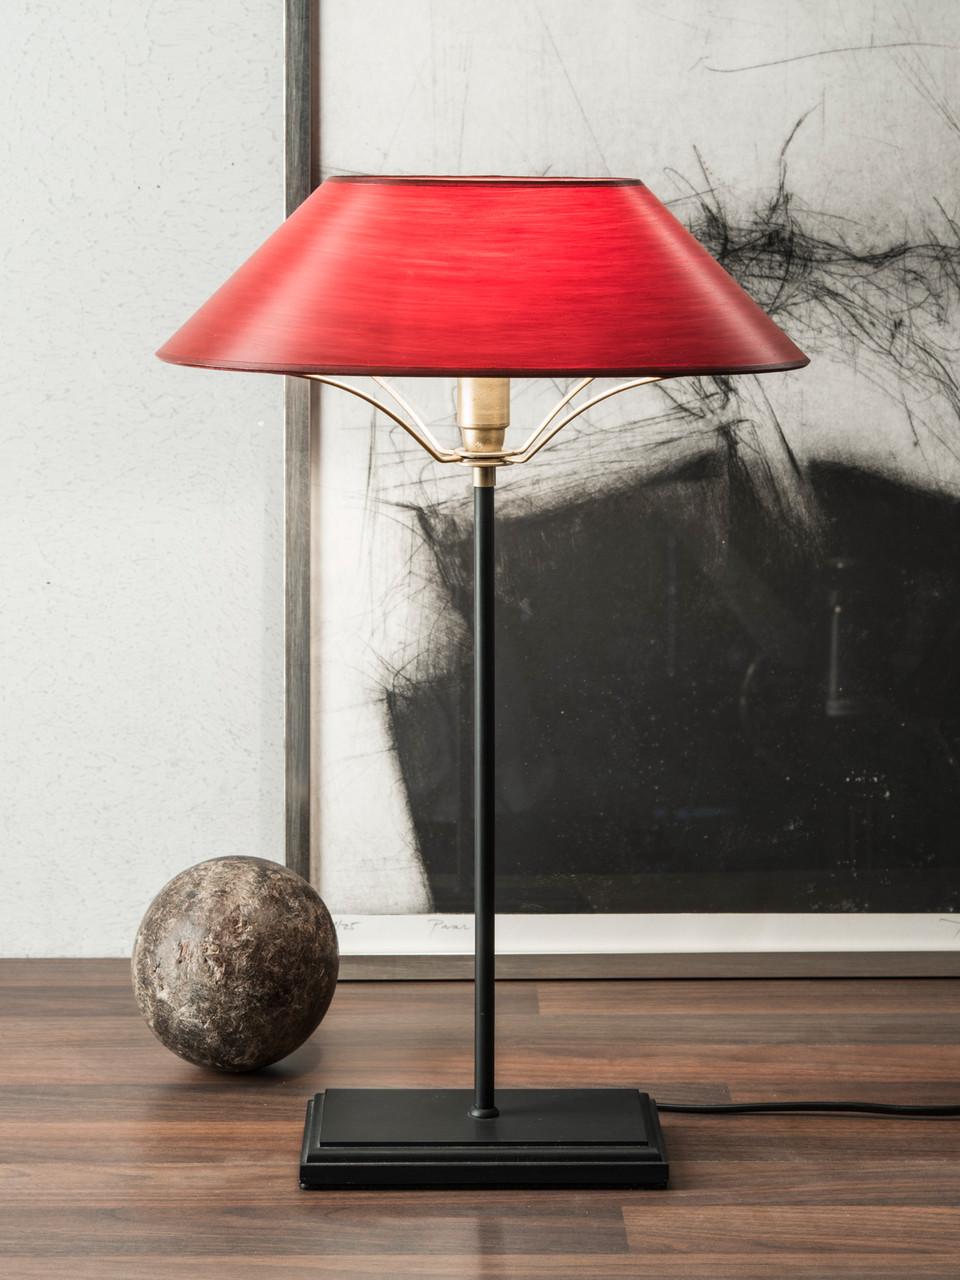 Tischleuchte Hamburg, Fuß Holz, schwarz lackiert, Schirm rot gewischt